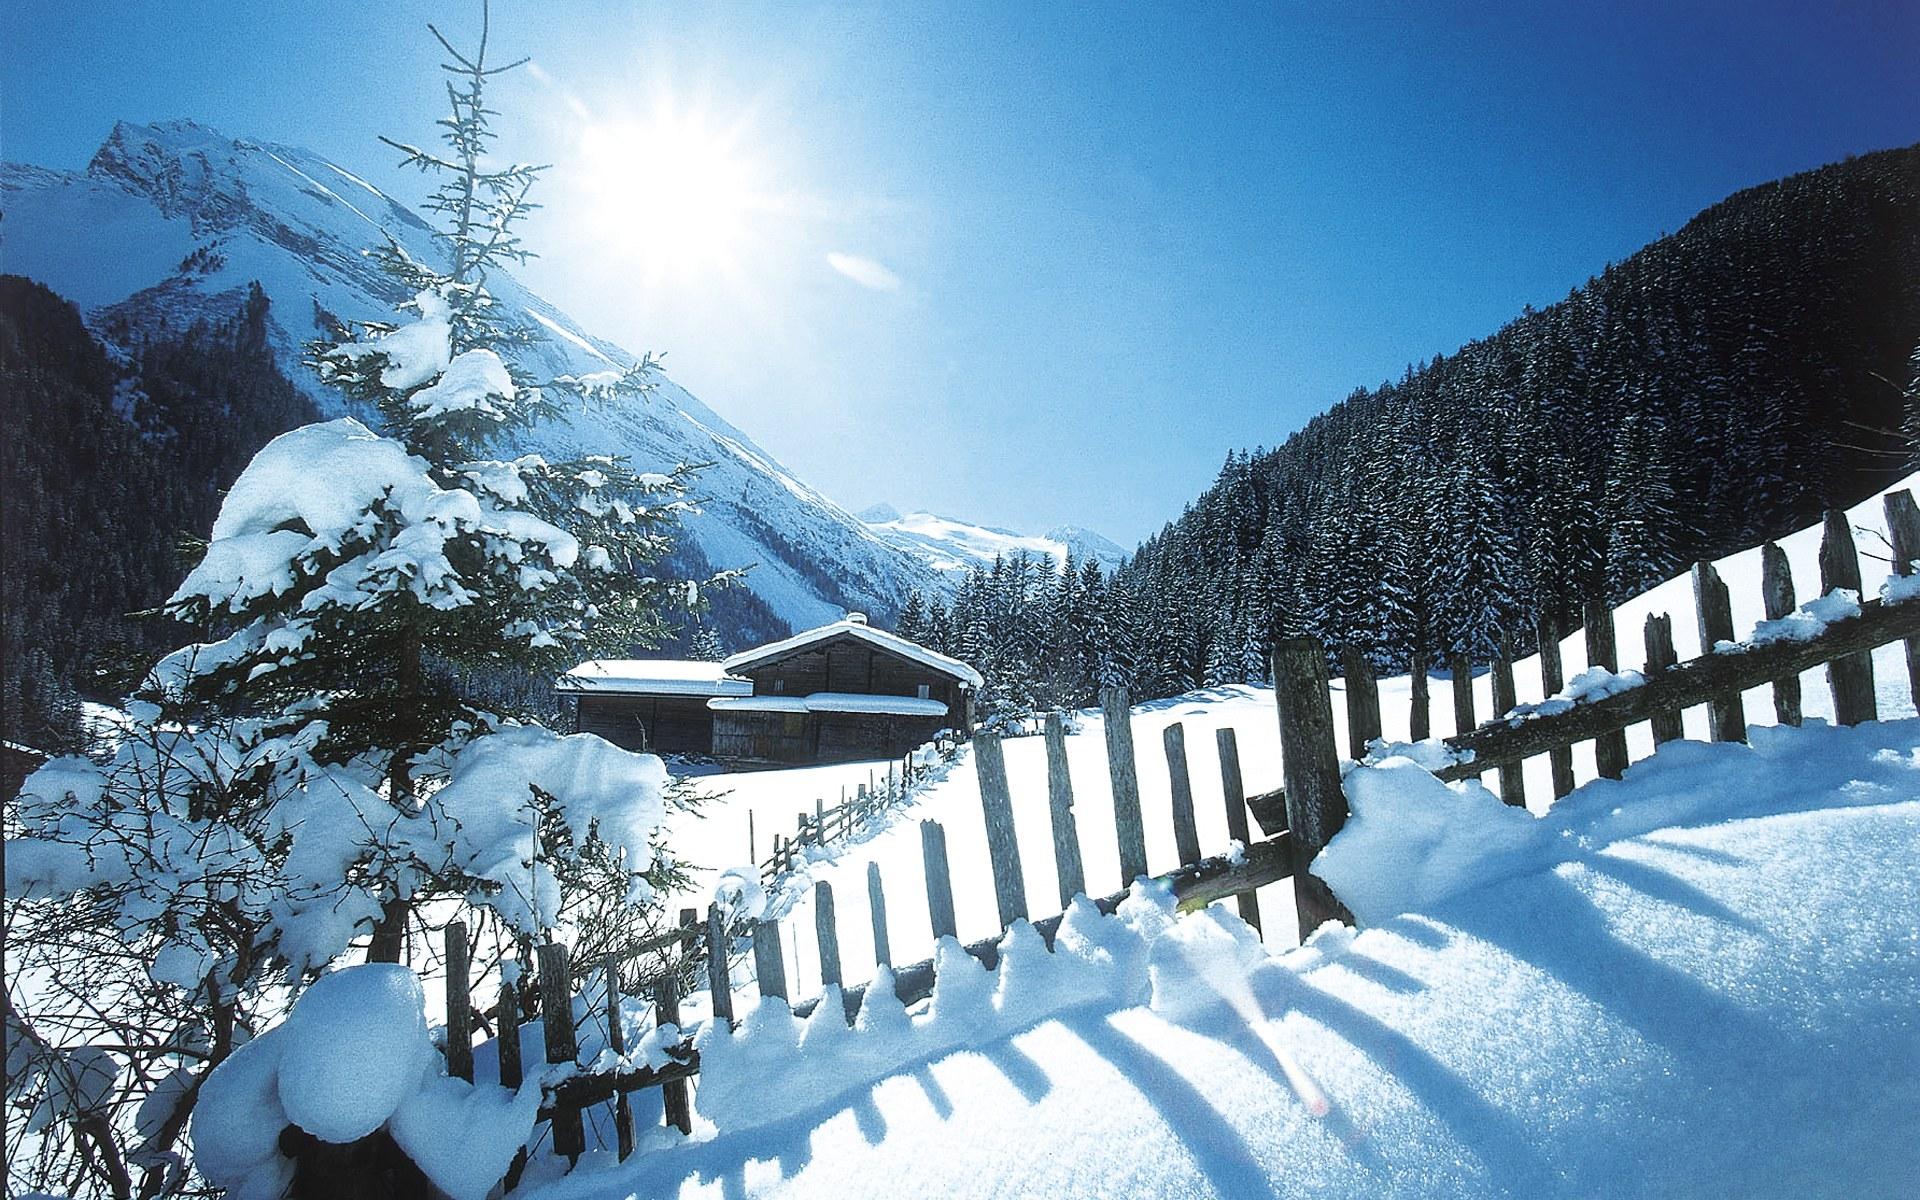 壁纸1920×1200滑雪圣地 阿尔卑斯山度假壁纸 雪山小屋图片壁纸壁纸 滑雪圣地阿尔卑斯山度假壁纸壁纸图片人文壁纸人文图片素材桌面壁纸